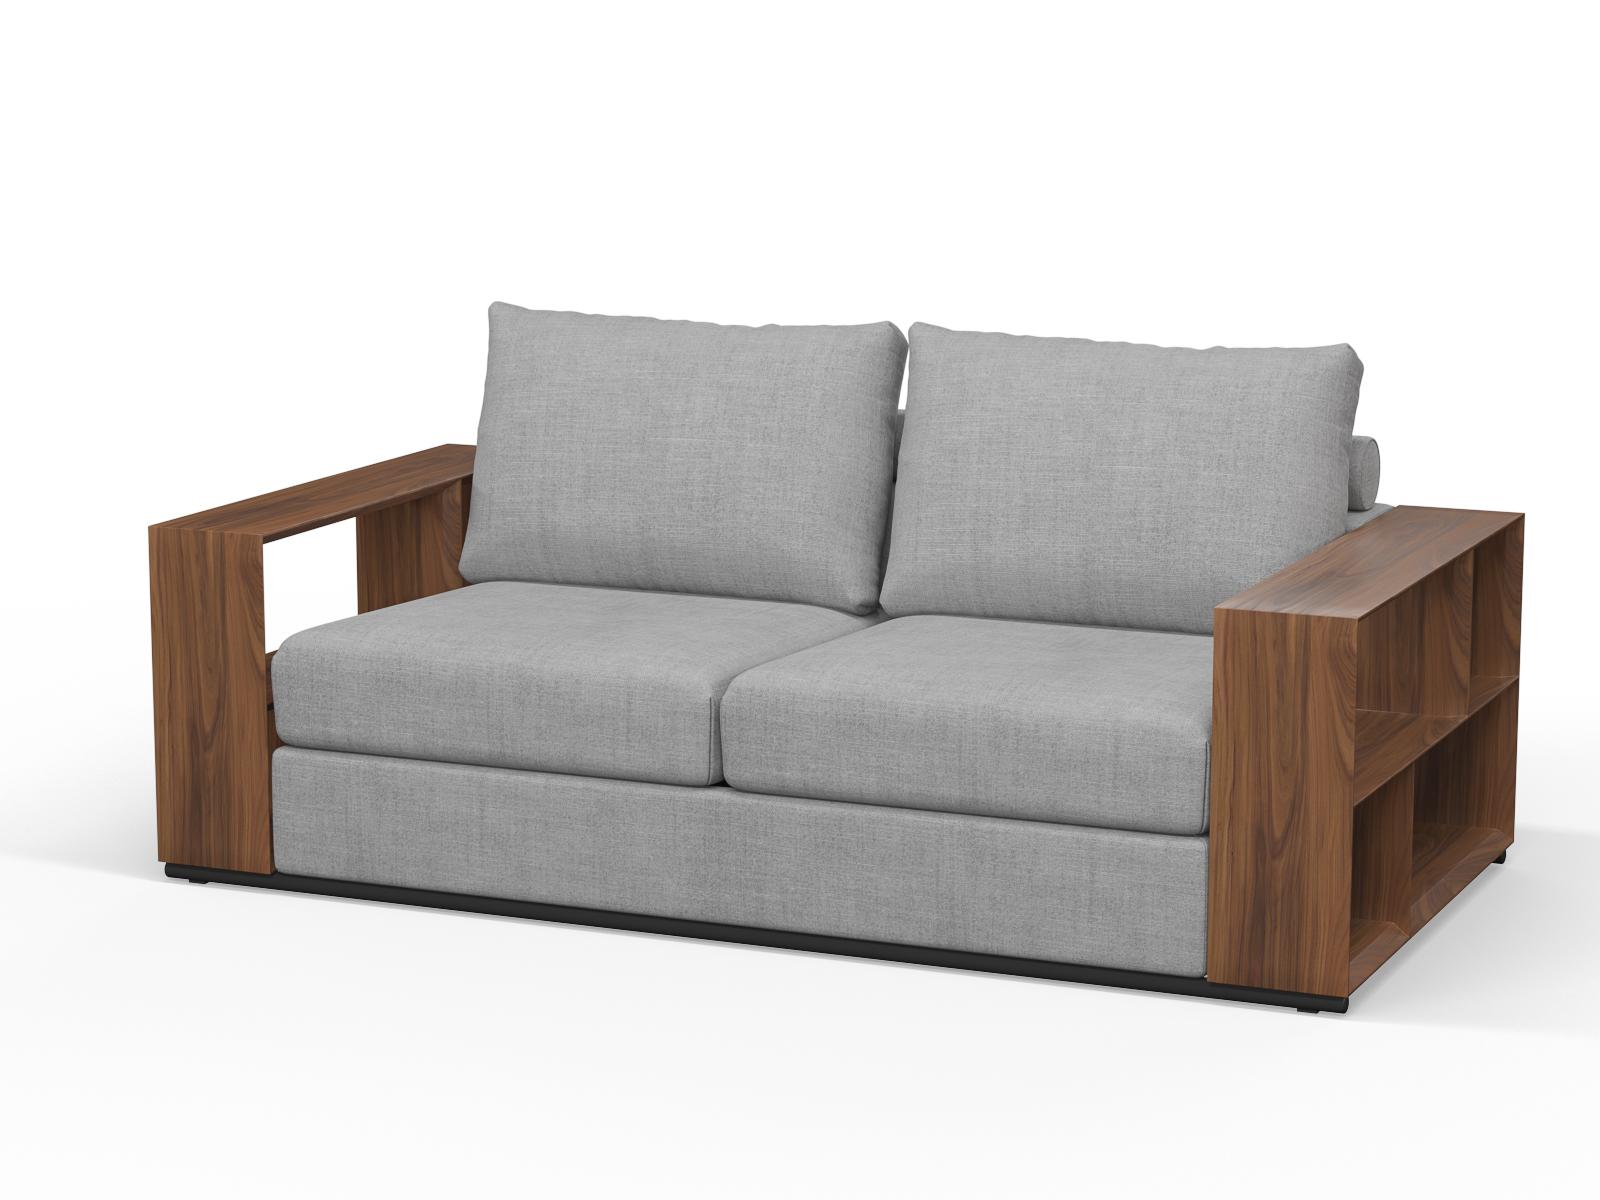 200cm x 100cm LTA RTA Walnut Timber